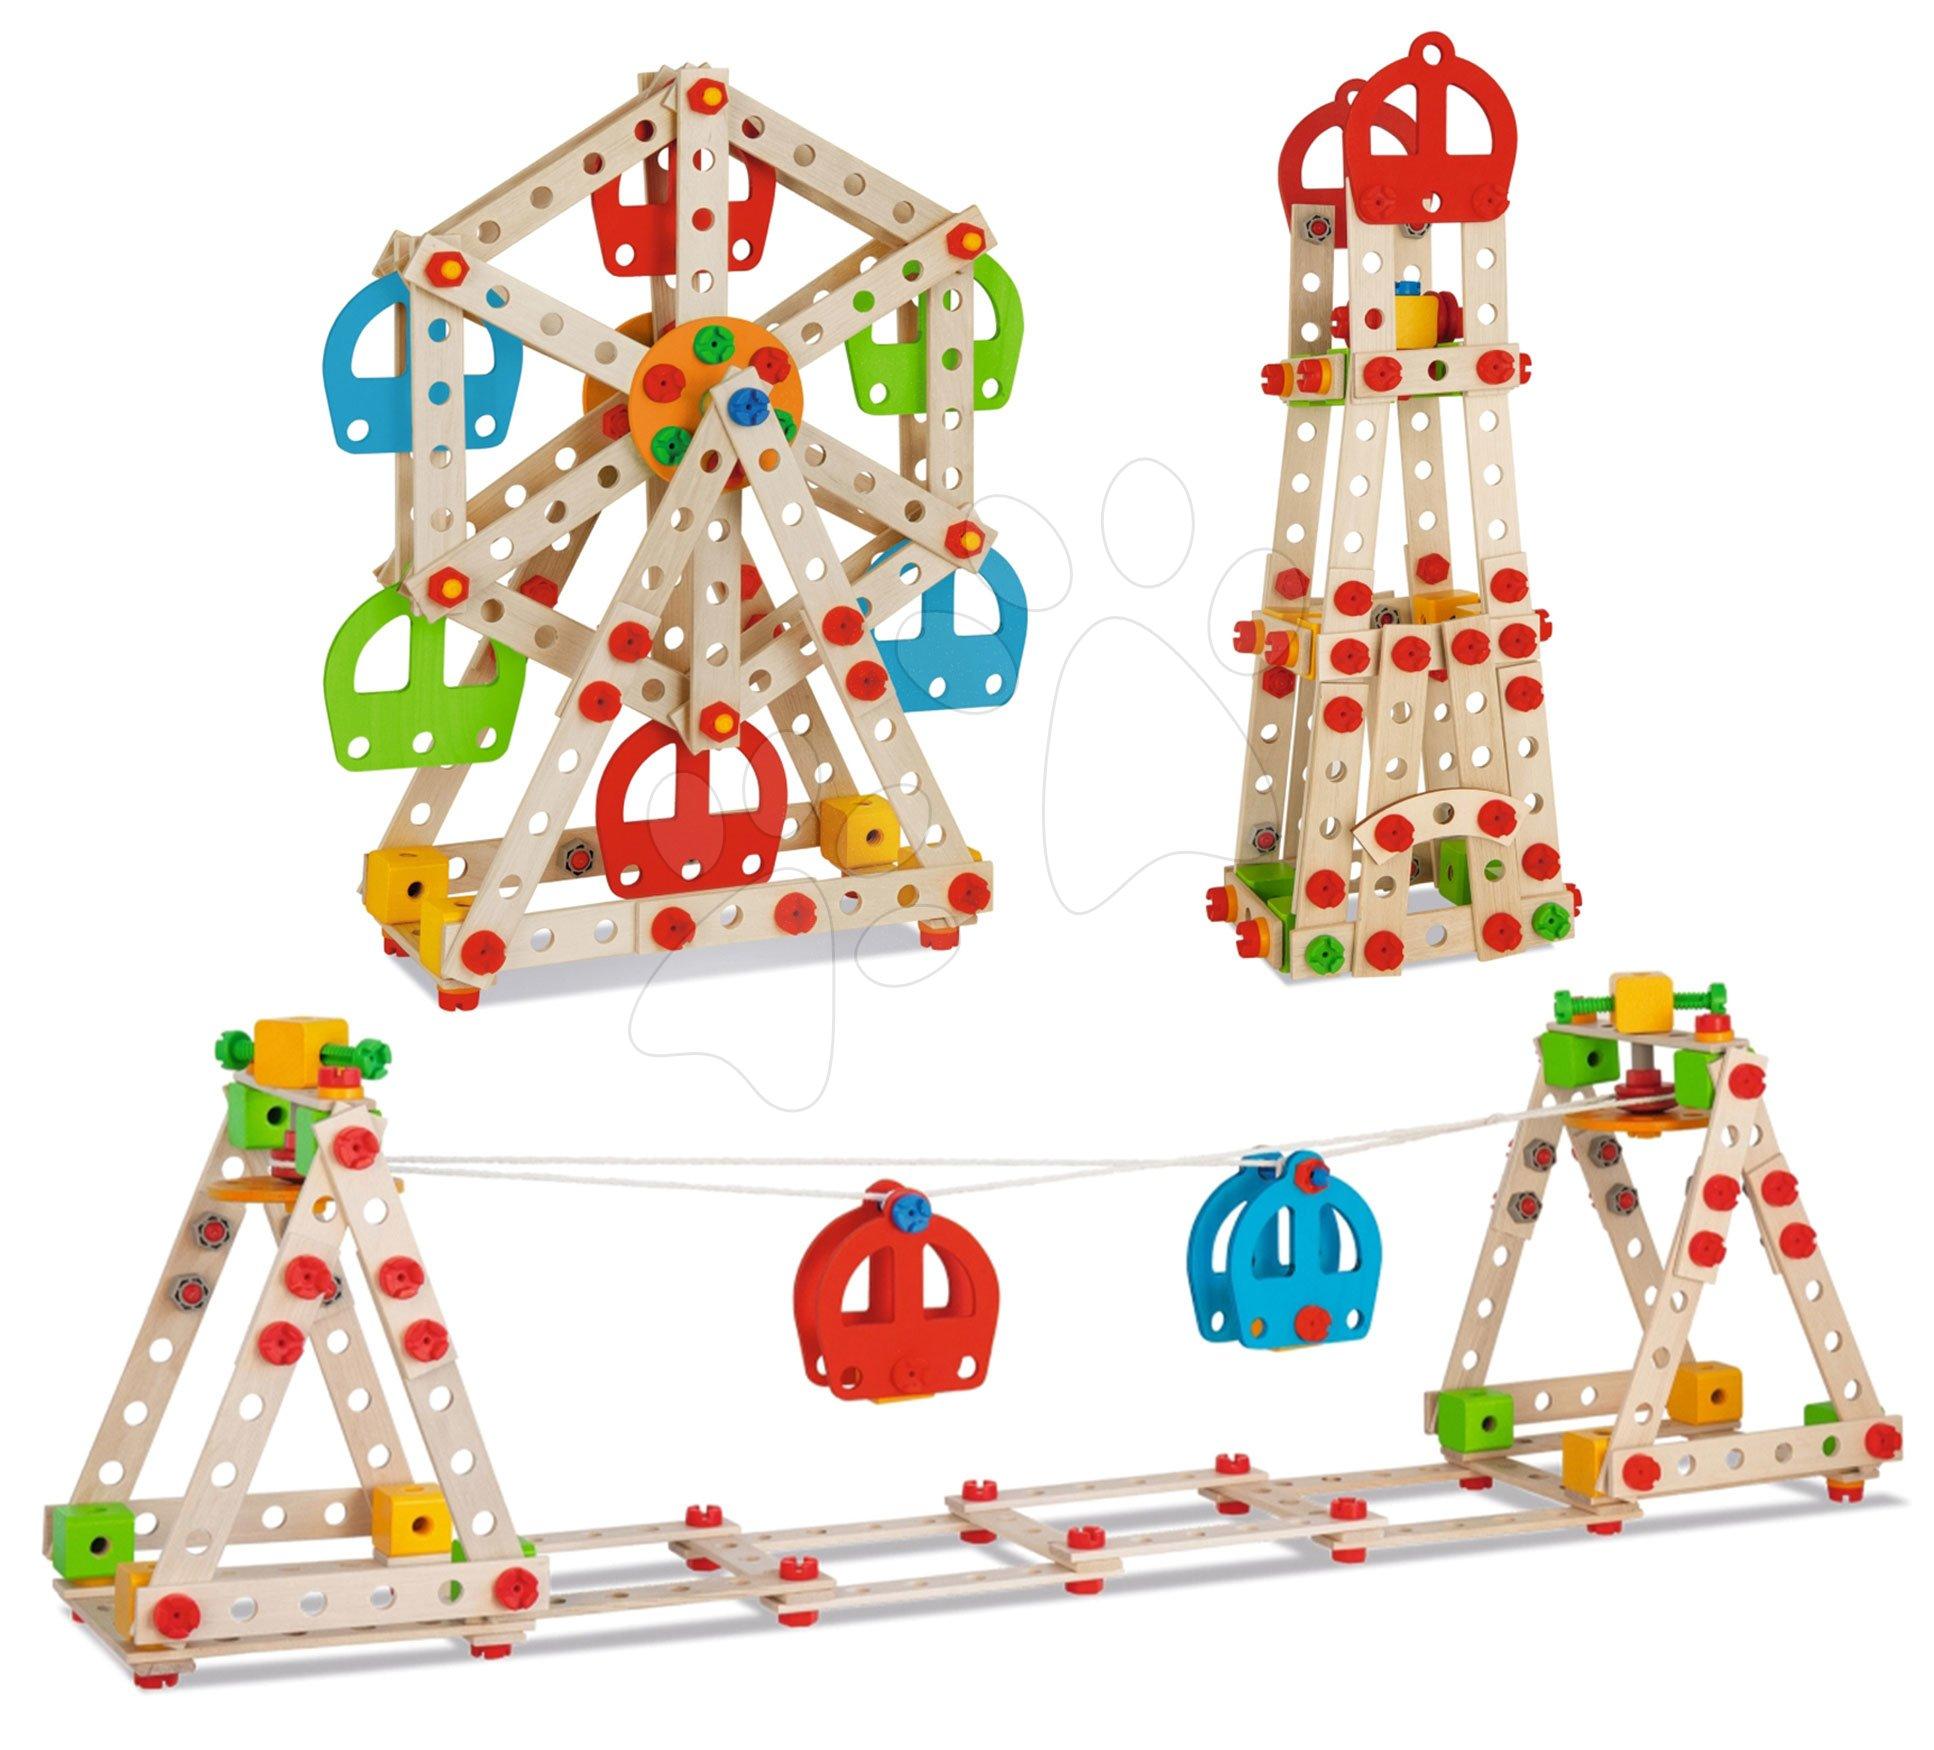 Fa építőjáték óriáskerék Constructor Big Wheel Eichhorn 3 modell (óriáskerék, világítótorony, felvonó) 240 darabos 6 évtől